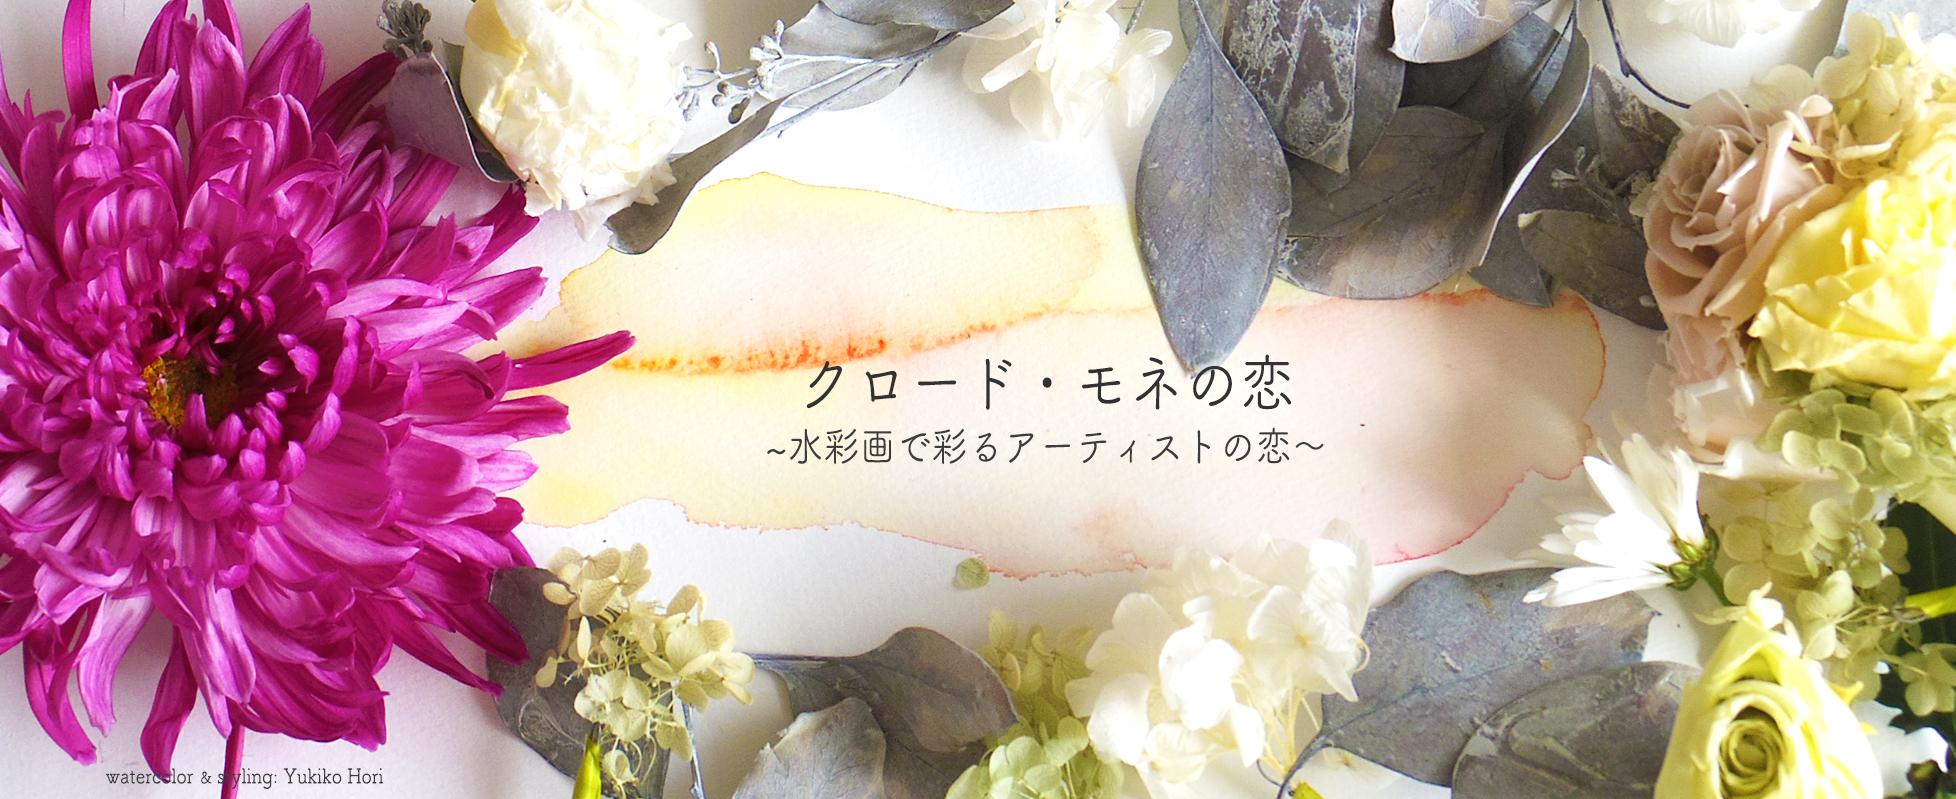 クロード・モネの恋〜水彩画で彩るアーティストの恋〜